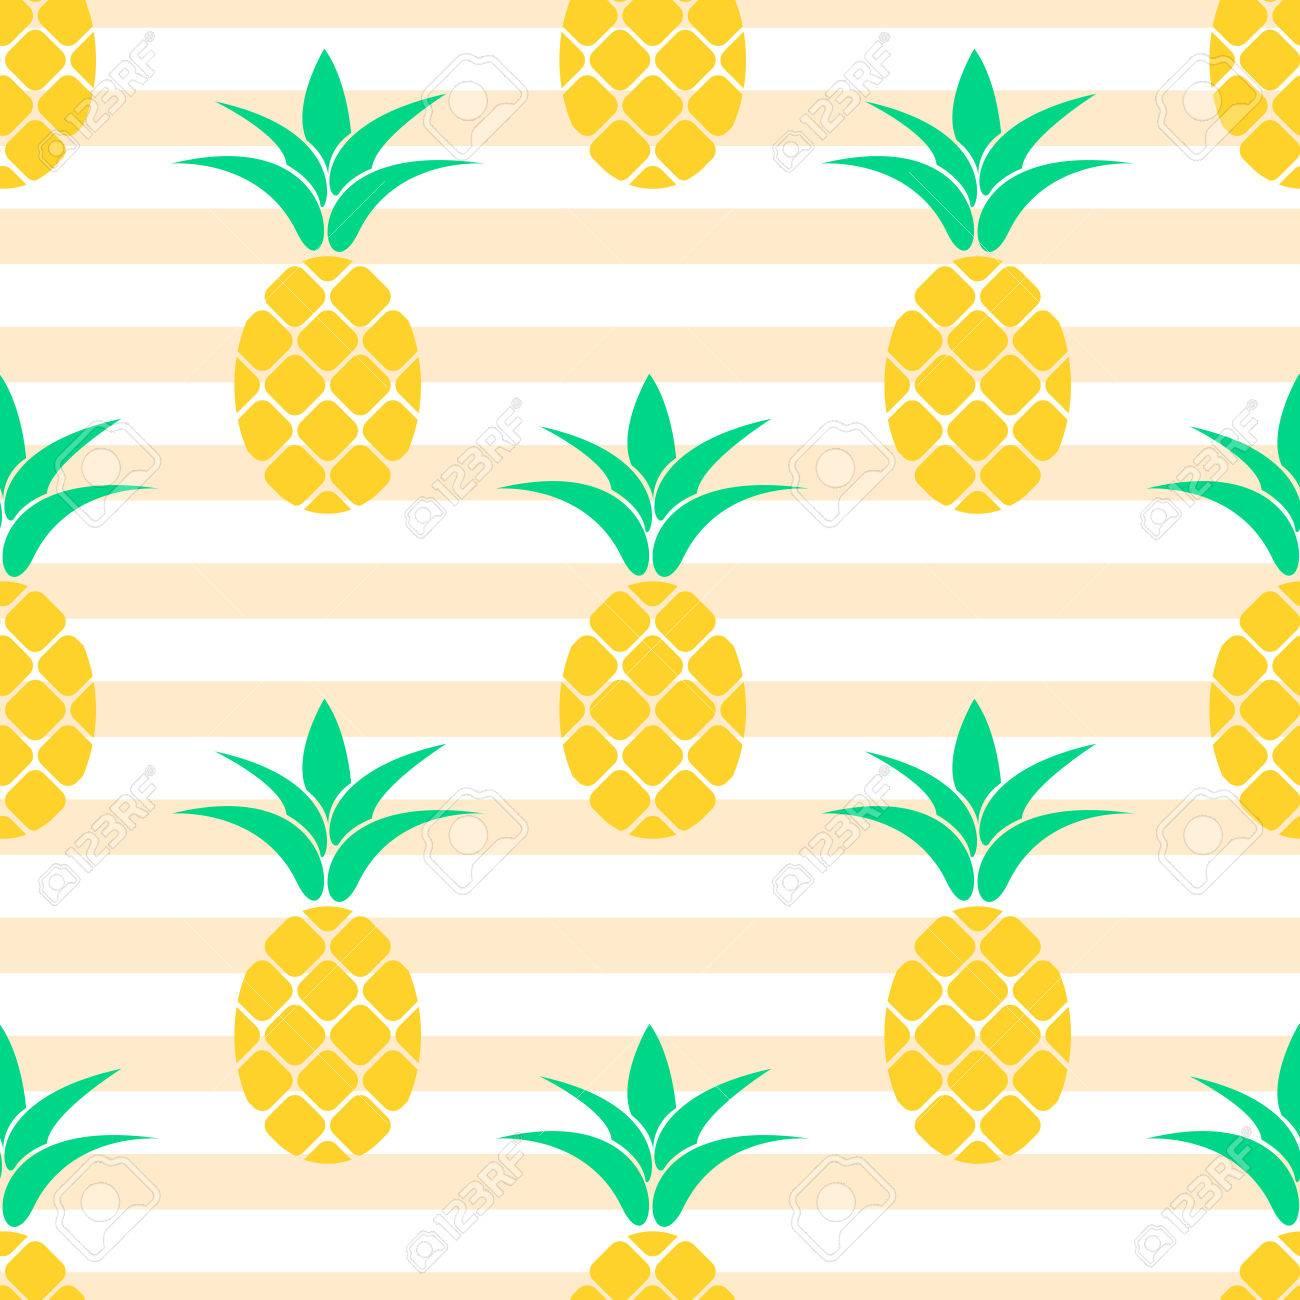 Vettoriale Estate Pastello Ananas Disegno Senza Soluzione Di